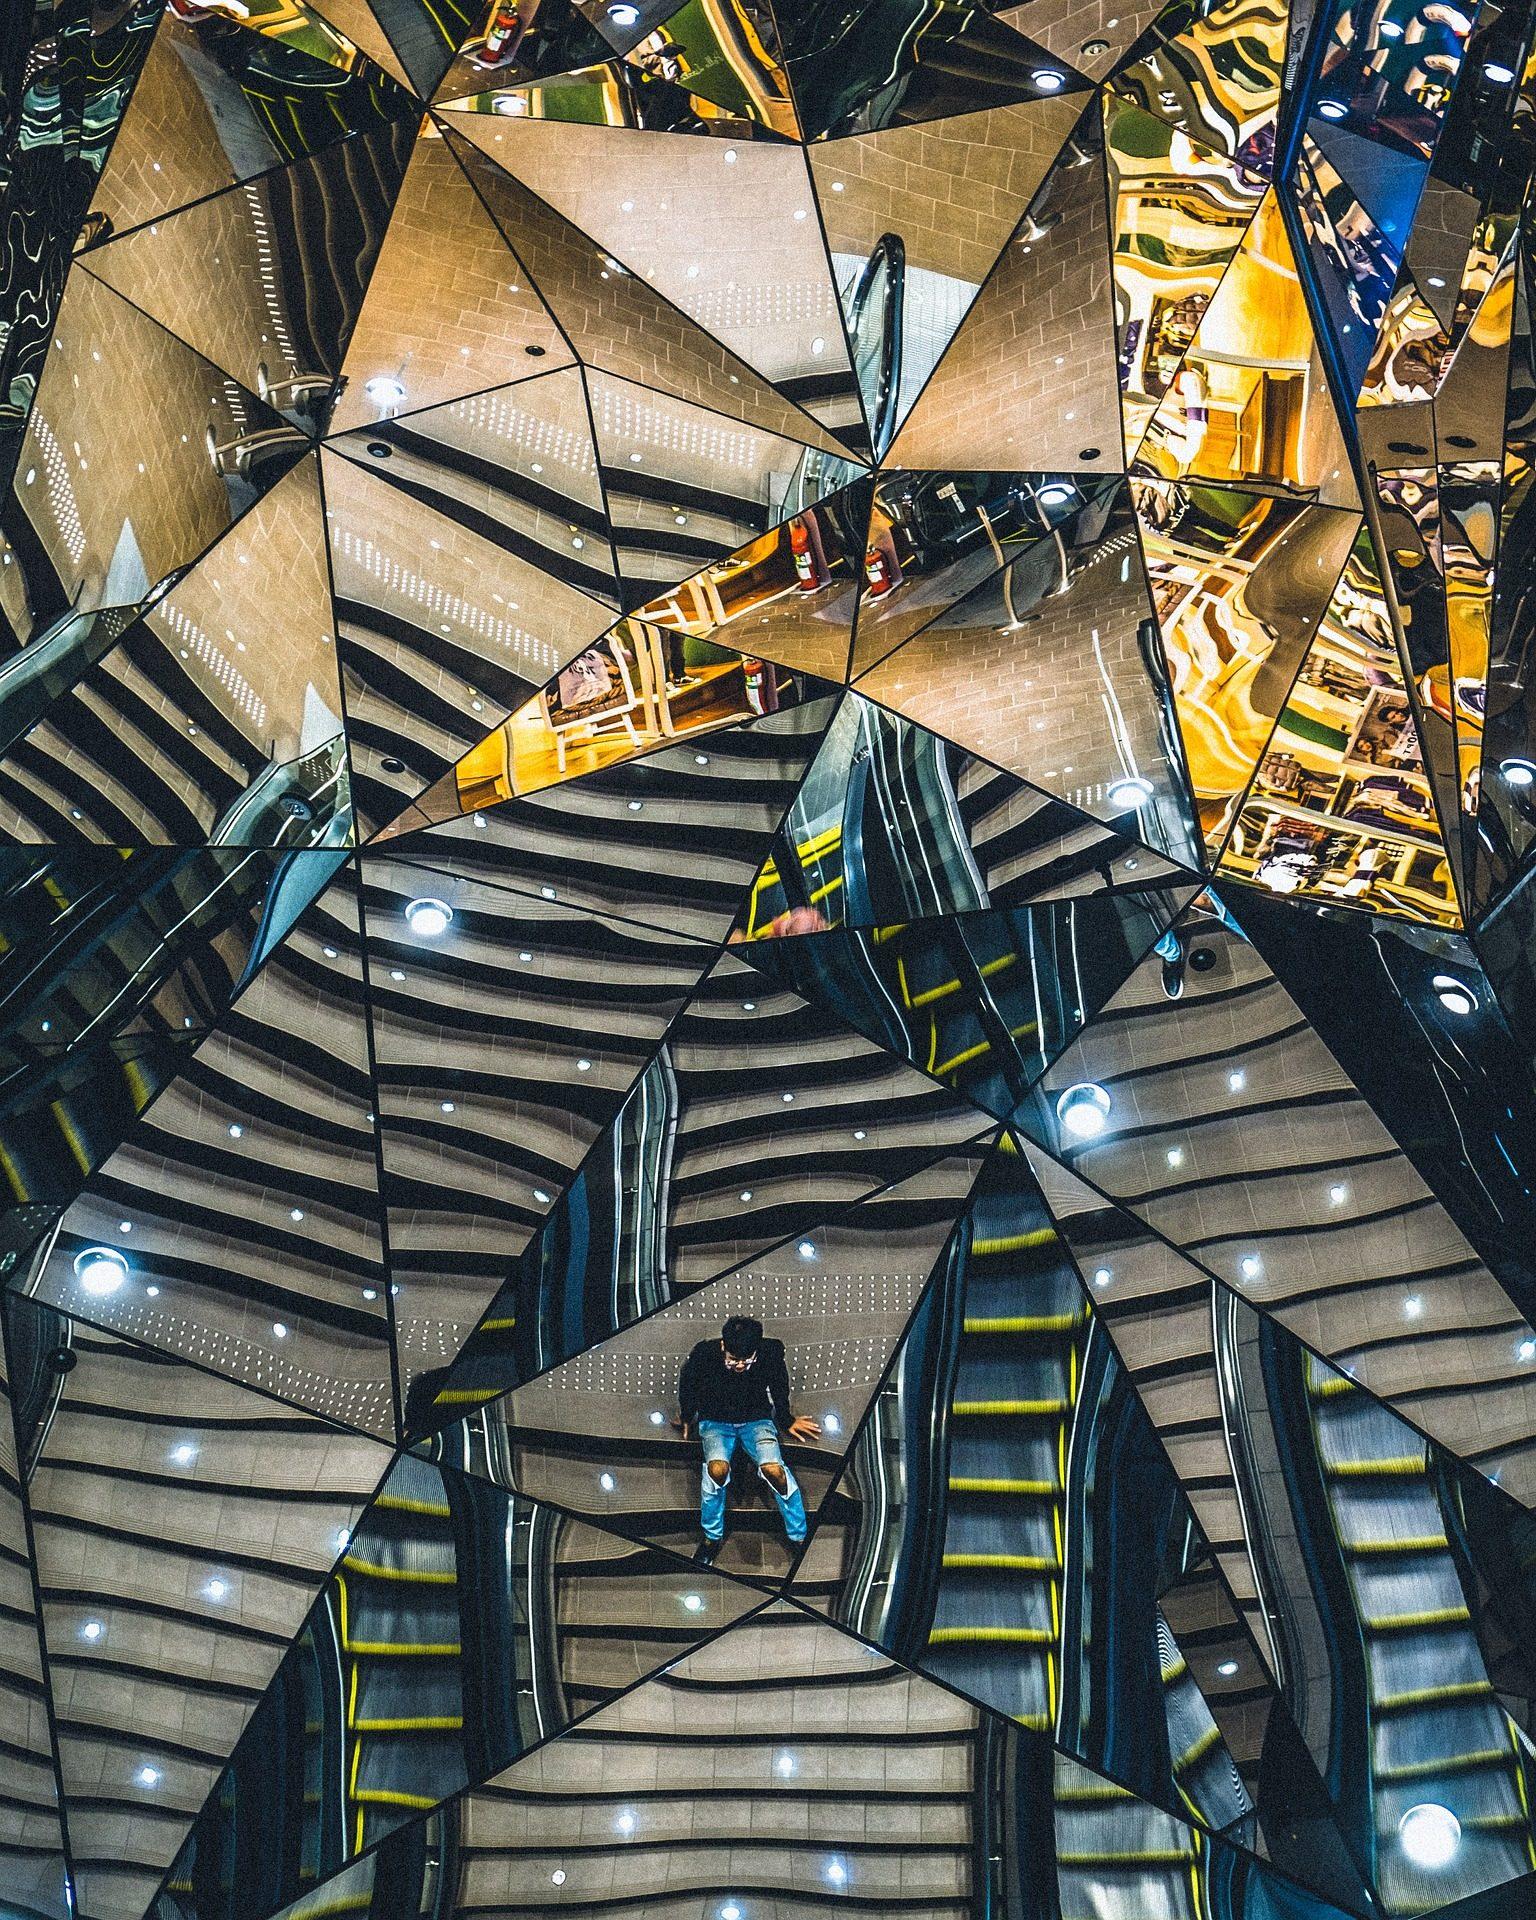 costruzione, specchi, cristalli, riflessioni, architettura - Sfondi HD - Professor-falken.com